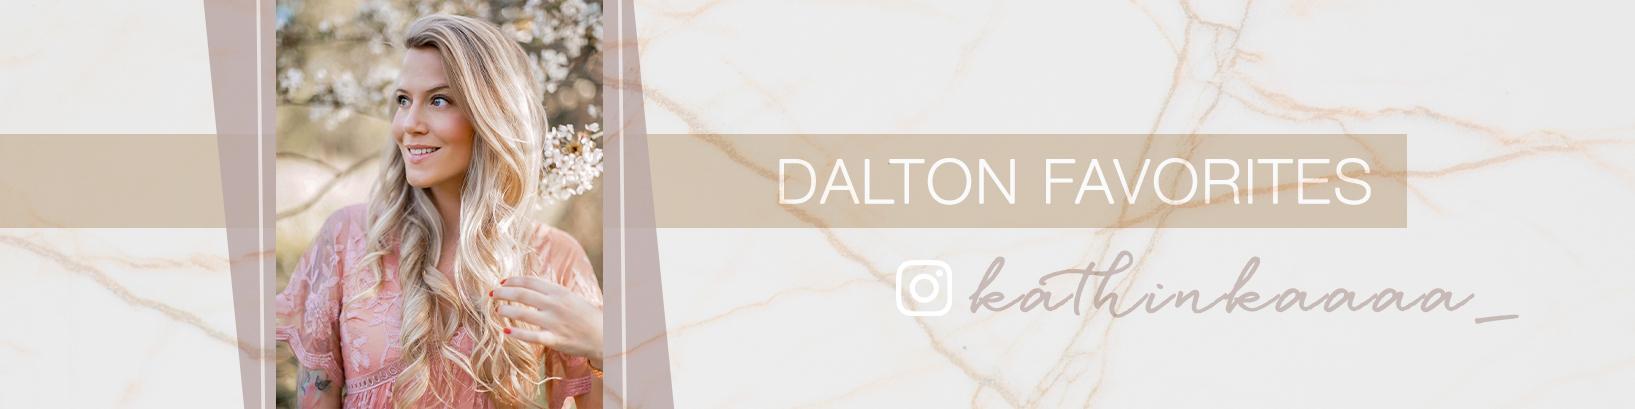 Die Dalton Produkthighlights von kathinkaaa_